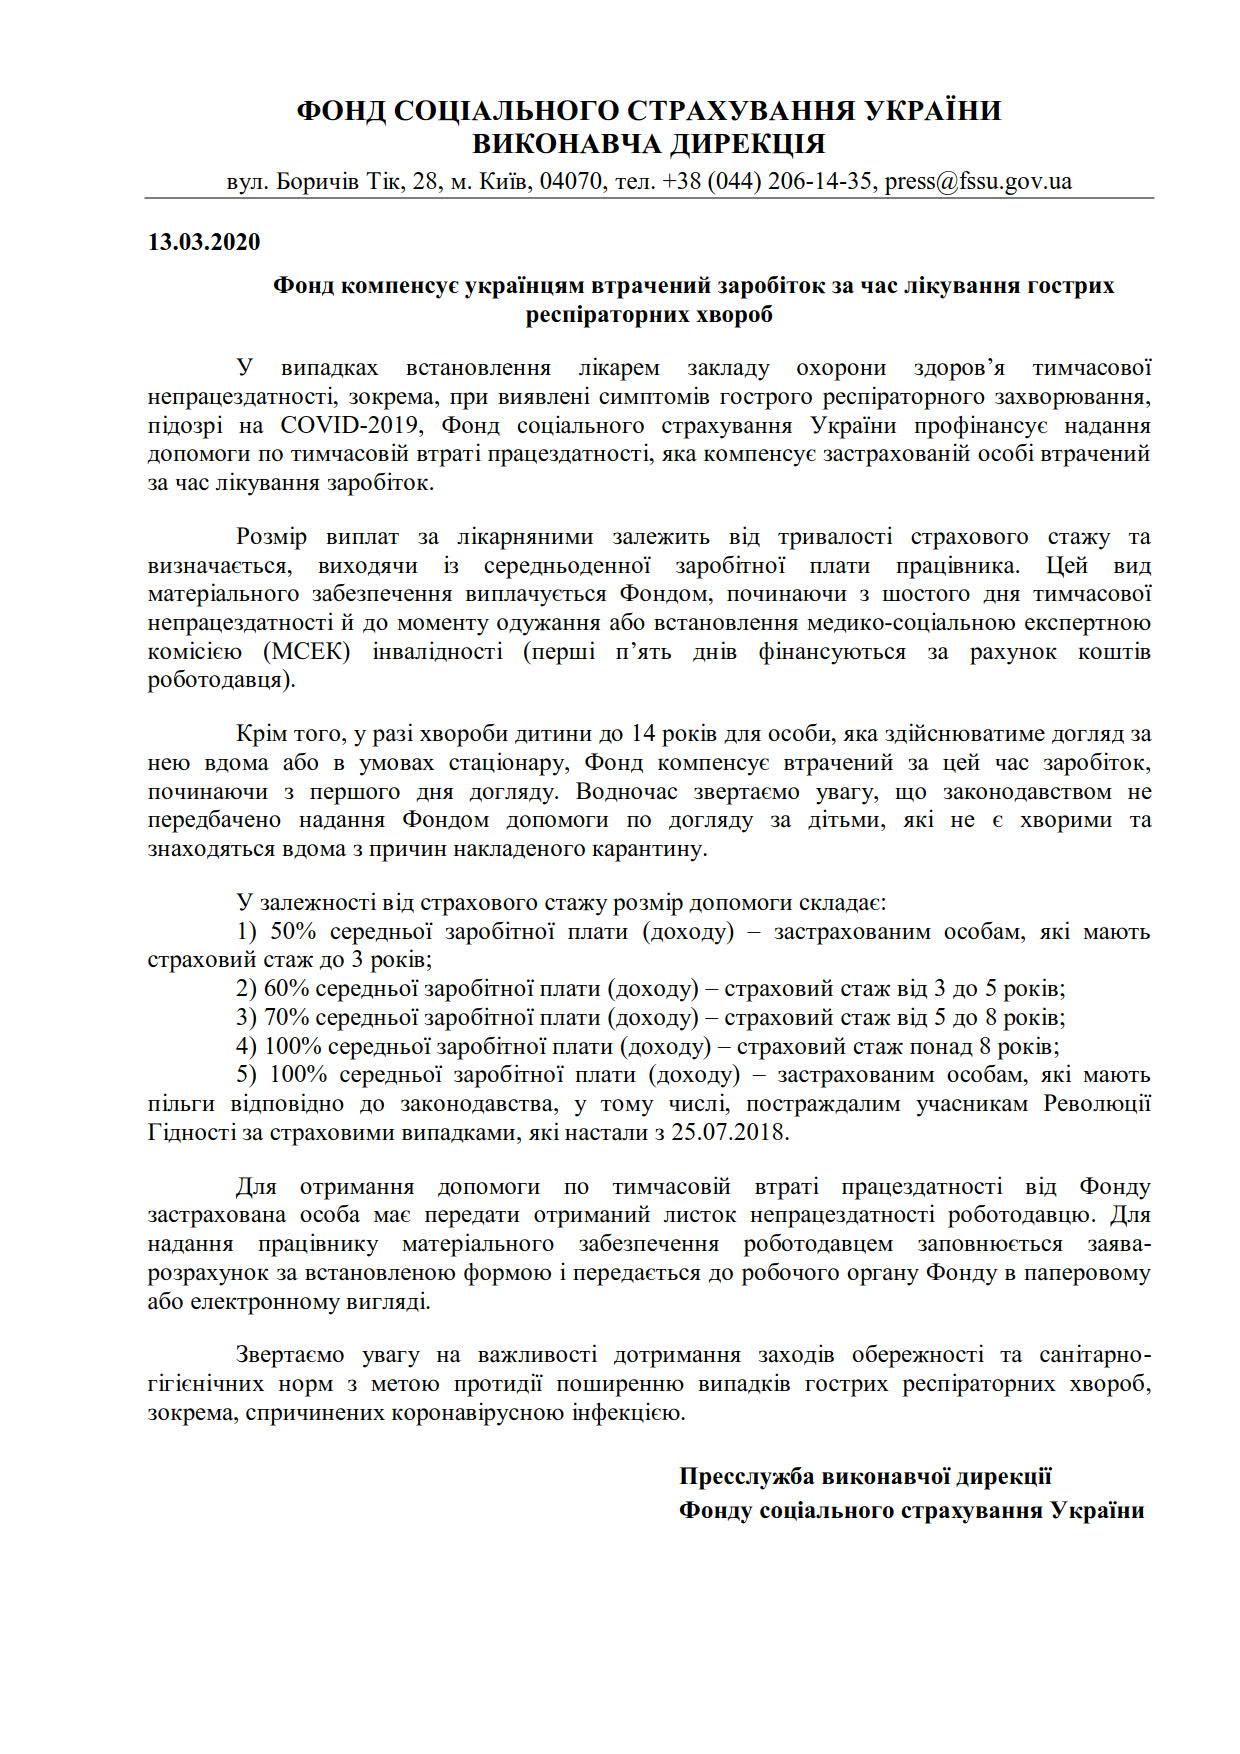 ФССУ_Фонд компенсує втрату заробітку при ГРХ_1